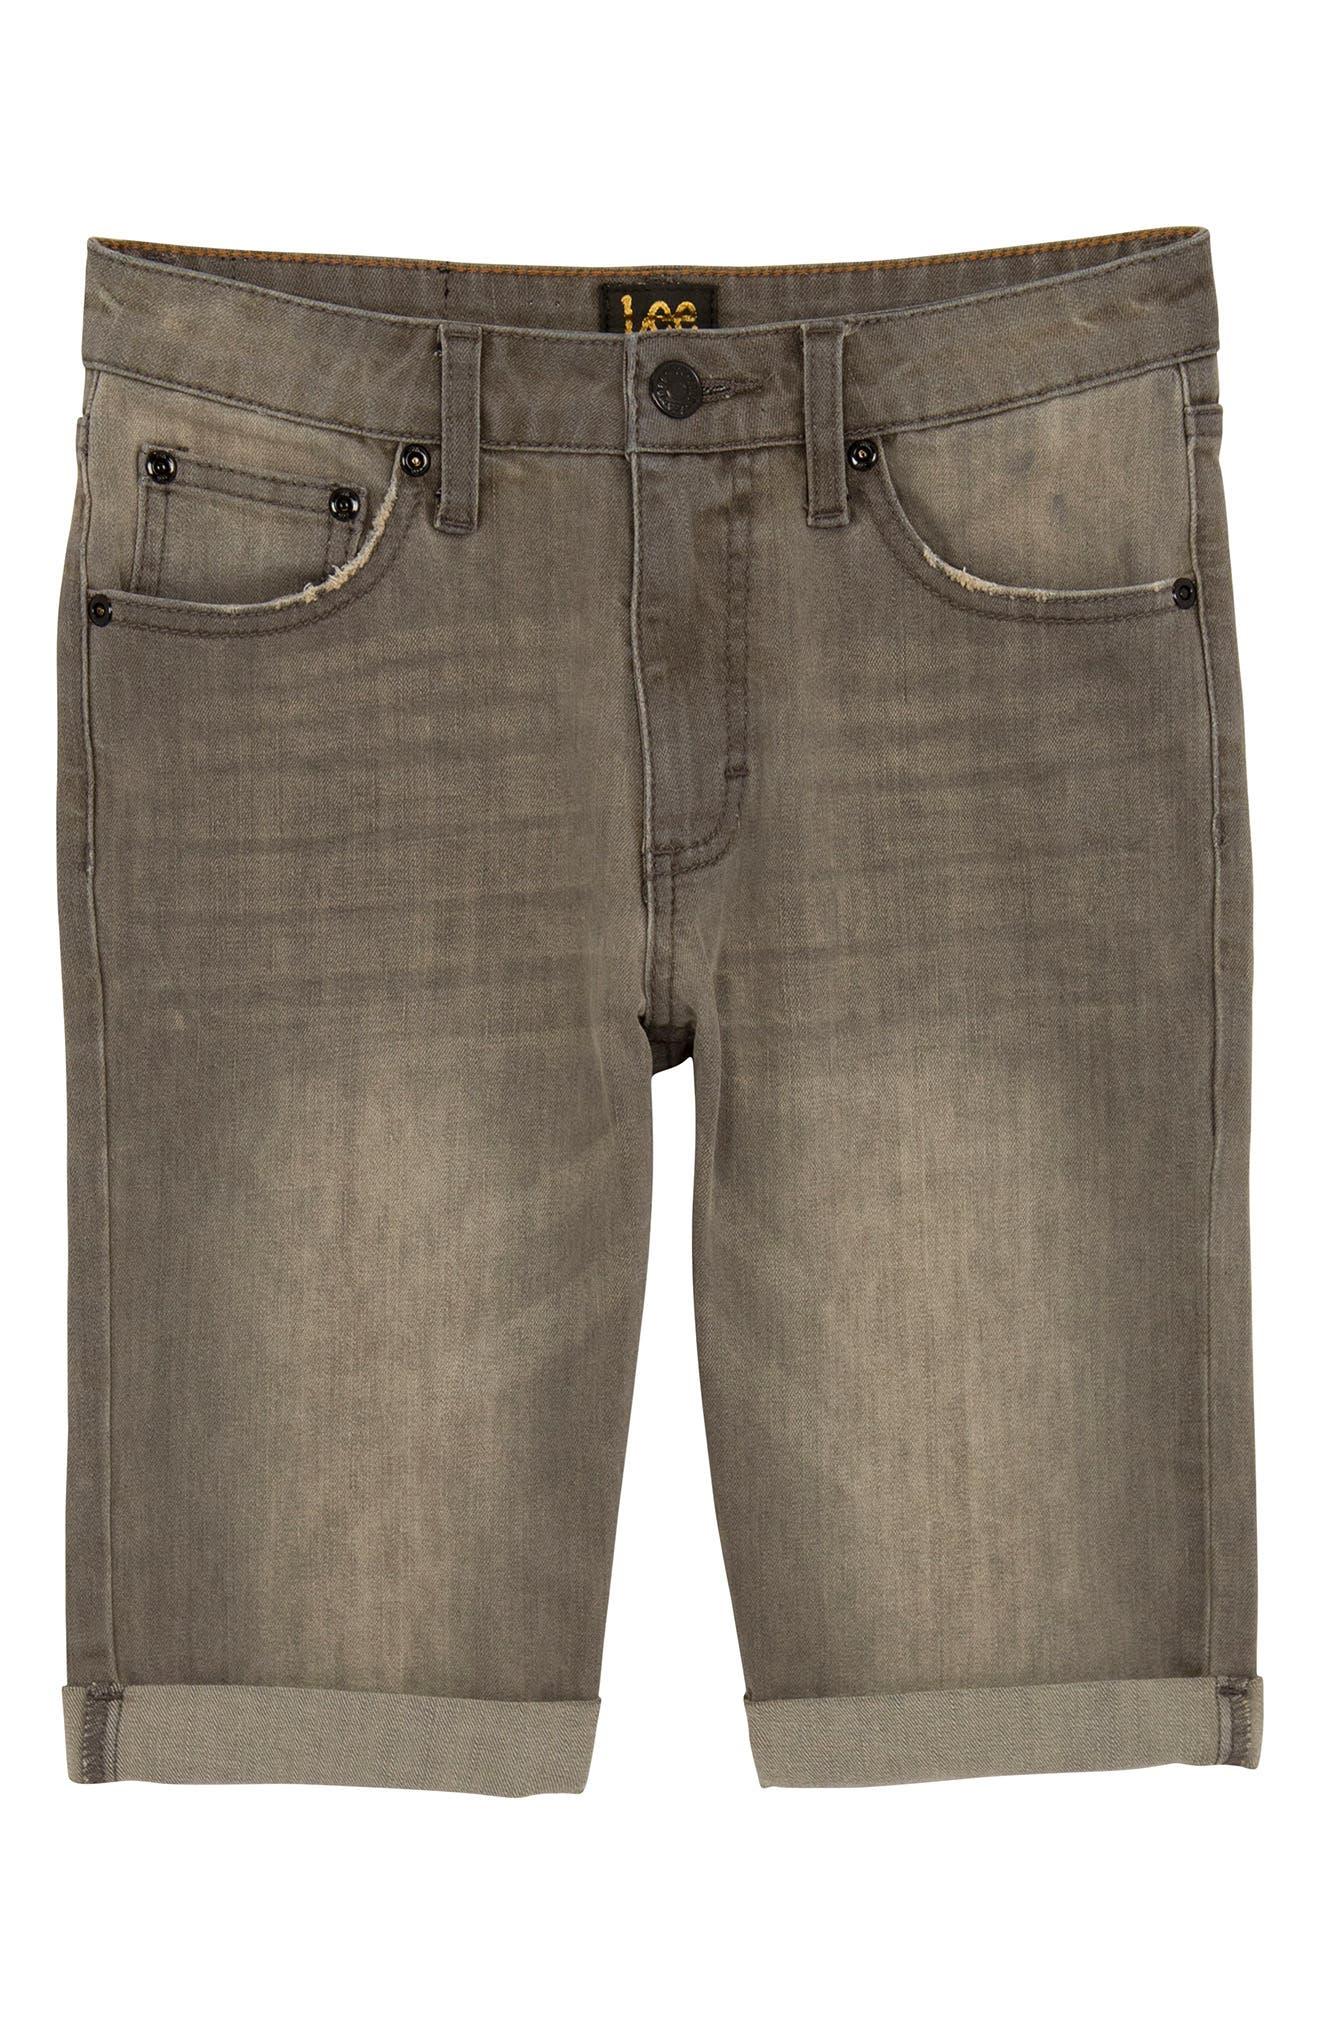 Straight Leg Cuffed Denim Shorts,                             Main thumbnail 1, color,                             060